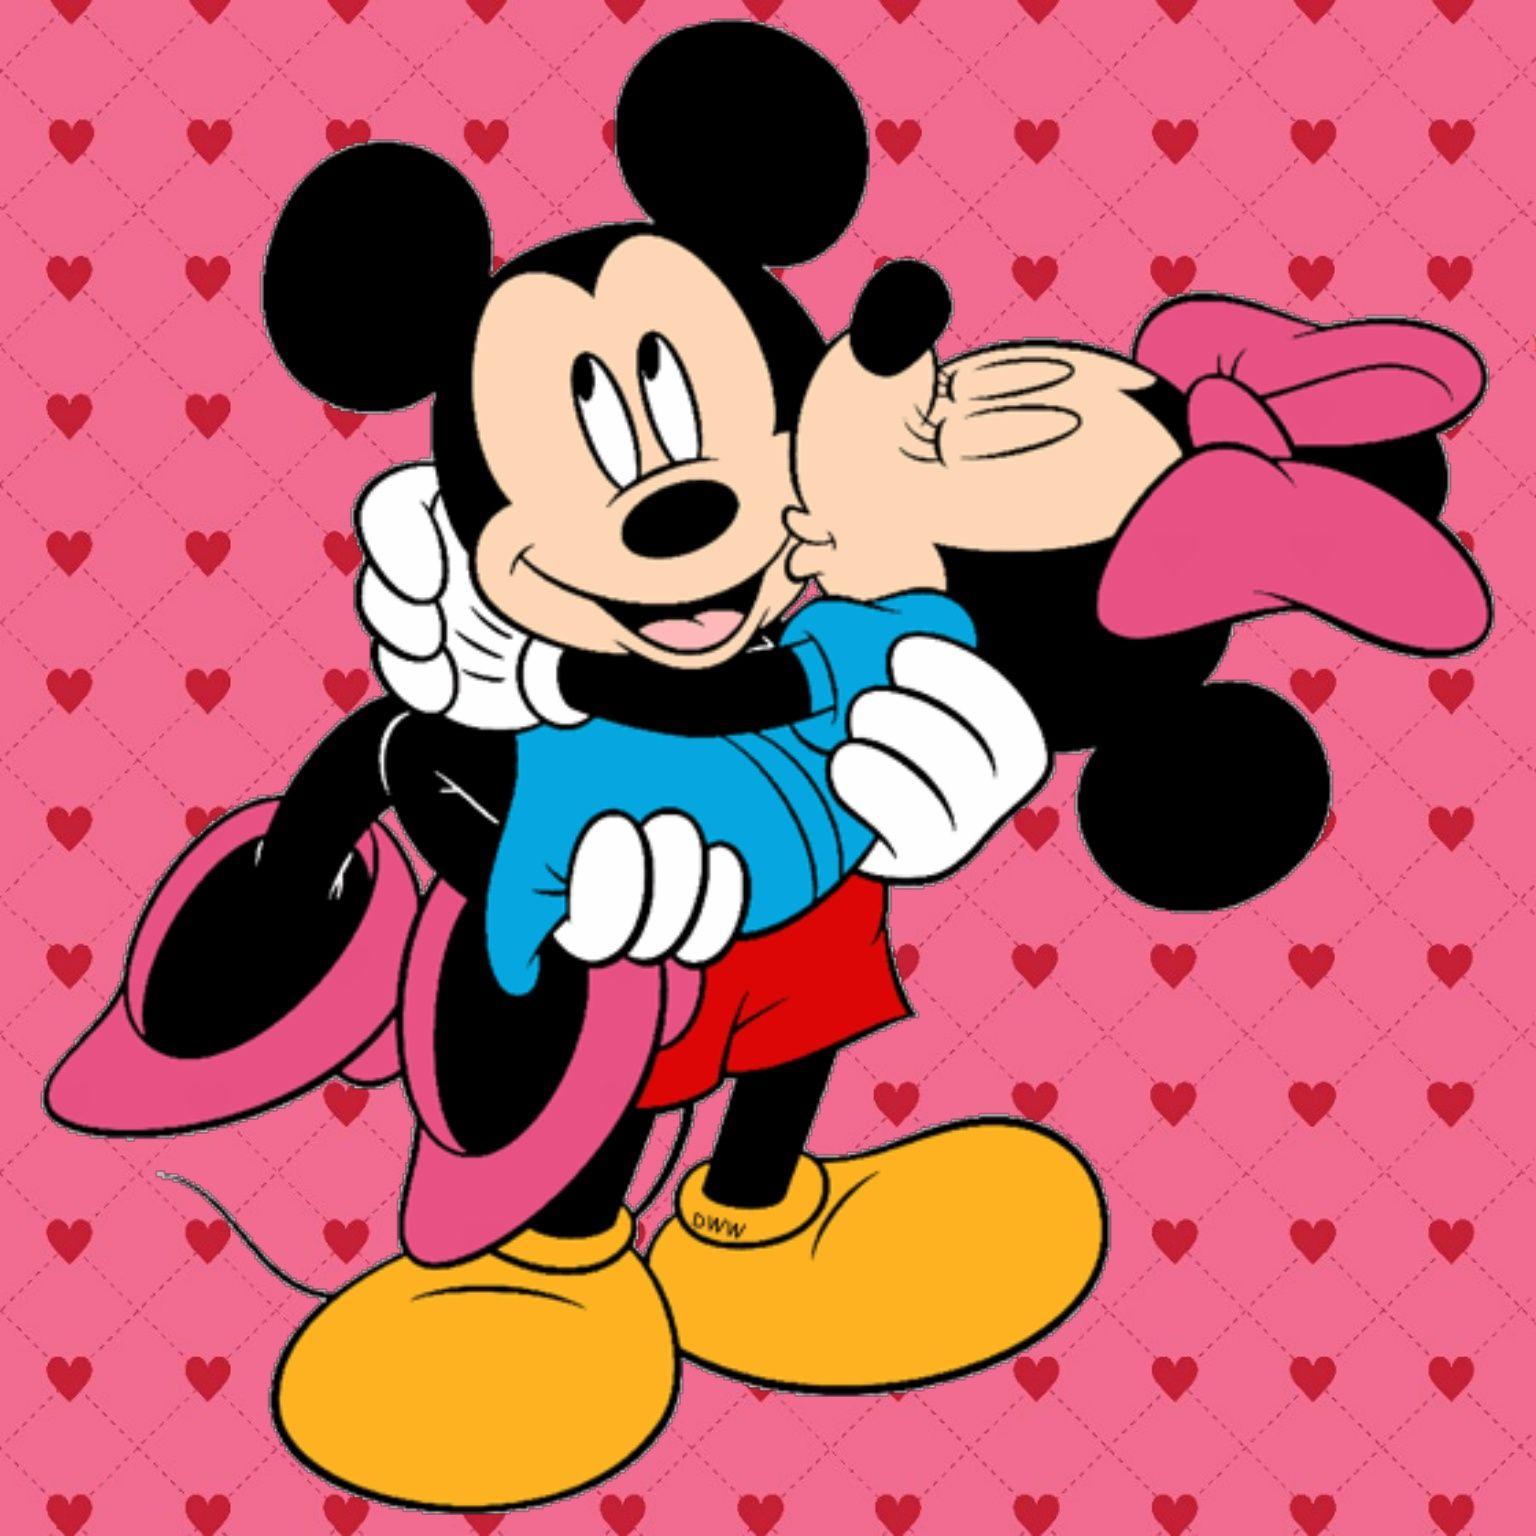 Mickey Minnie Mickey Papel De Parede Romantico Papeis De